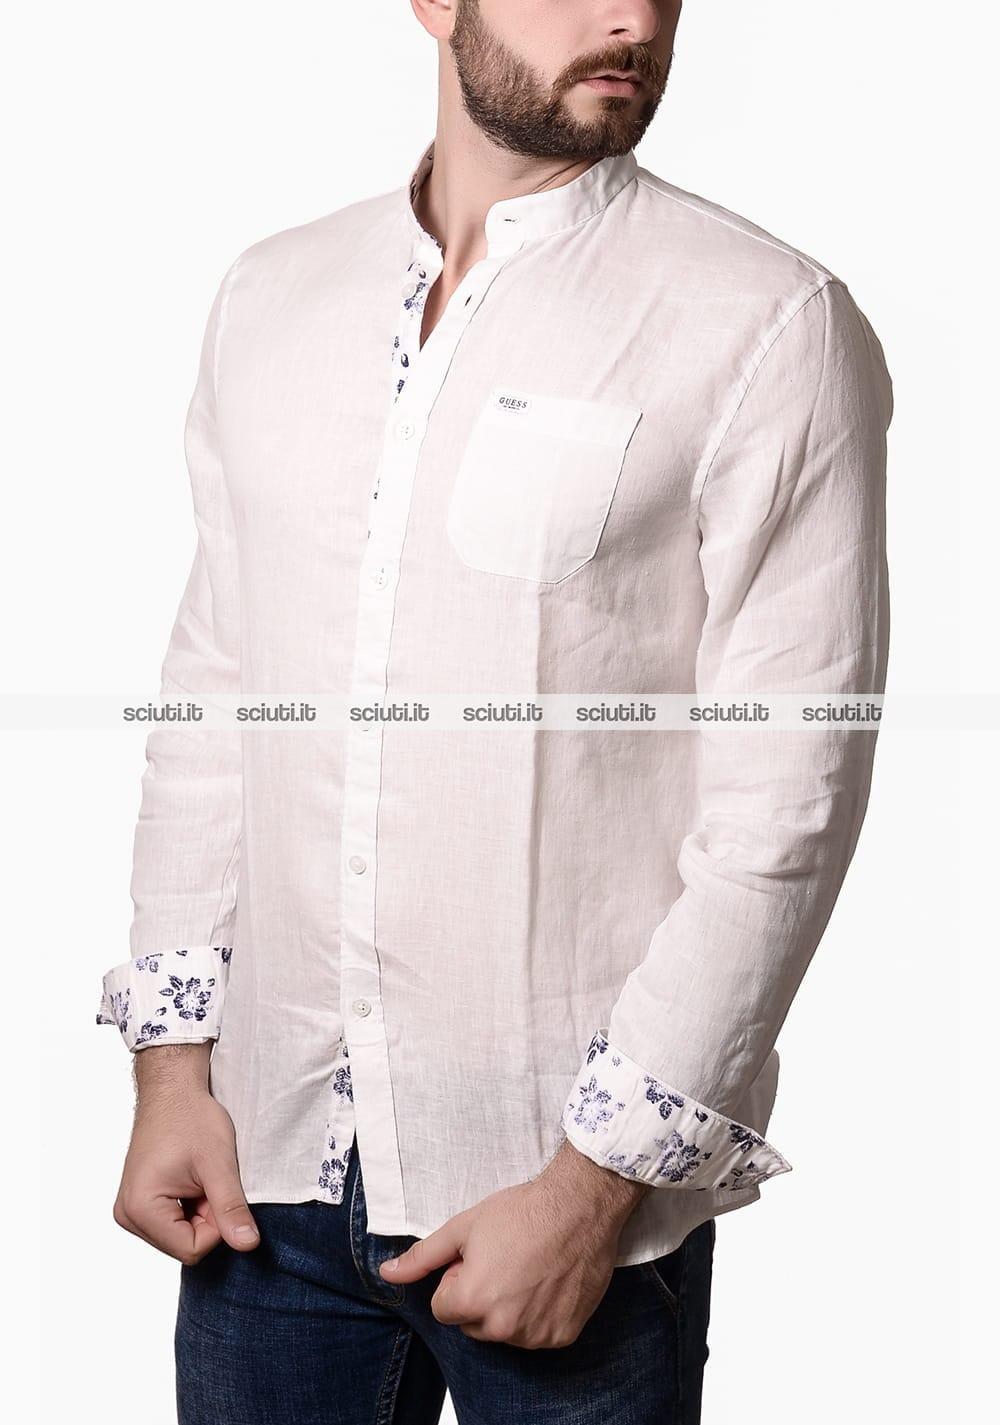 timeless design e0f47 2a1e1 Camicia Guess uomo collo alla coreana in lino bianco | Sciuti.it